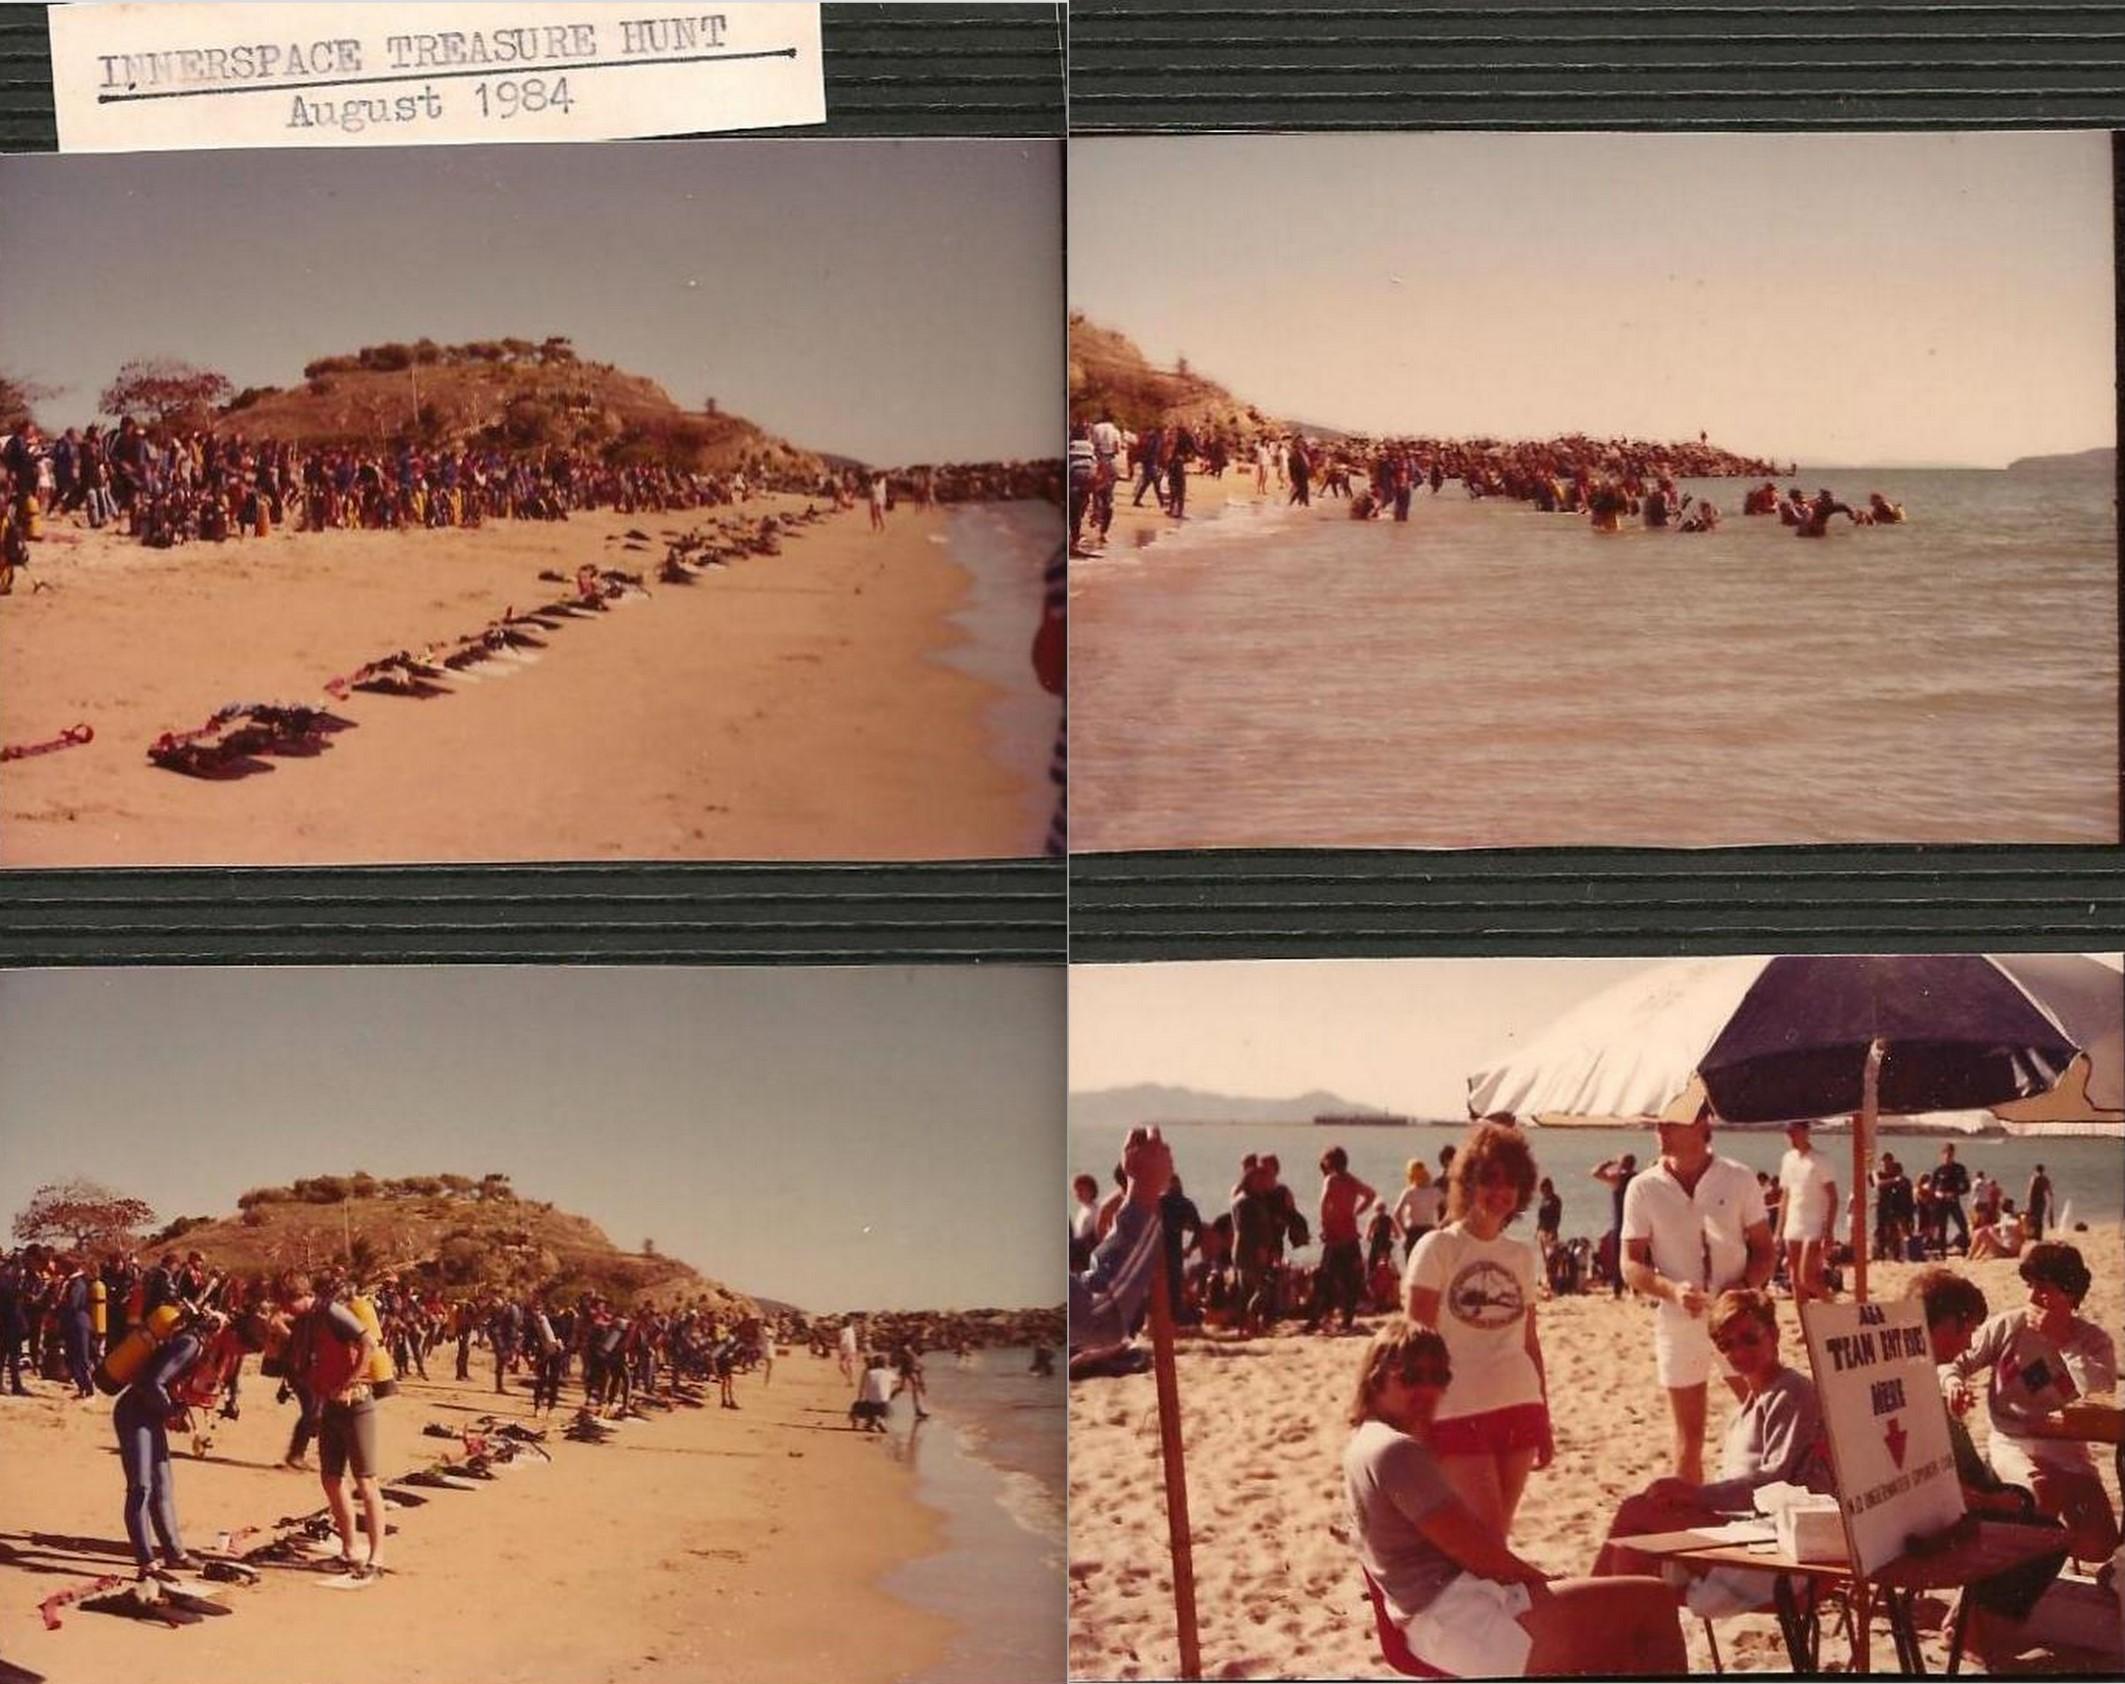 1984_TresureHunt_02